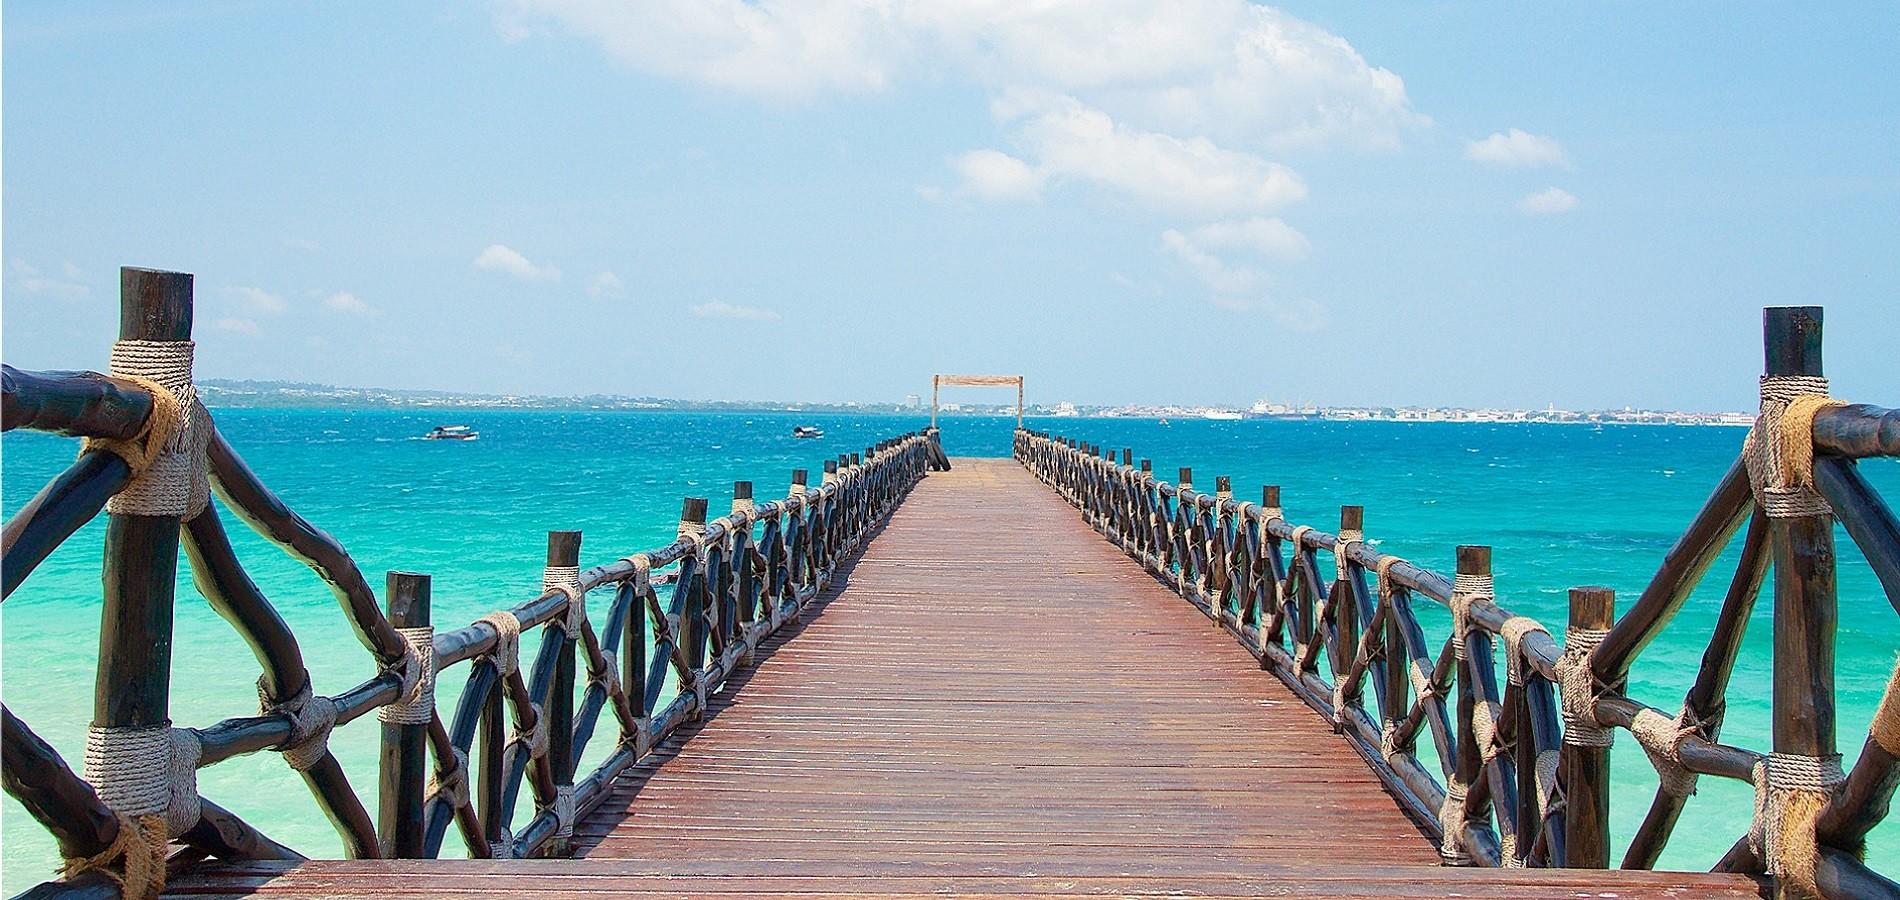 Zanzibar - putovanje prepuno kontrasta poput ovog mola koji ulazi u more